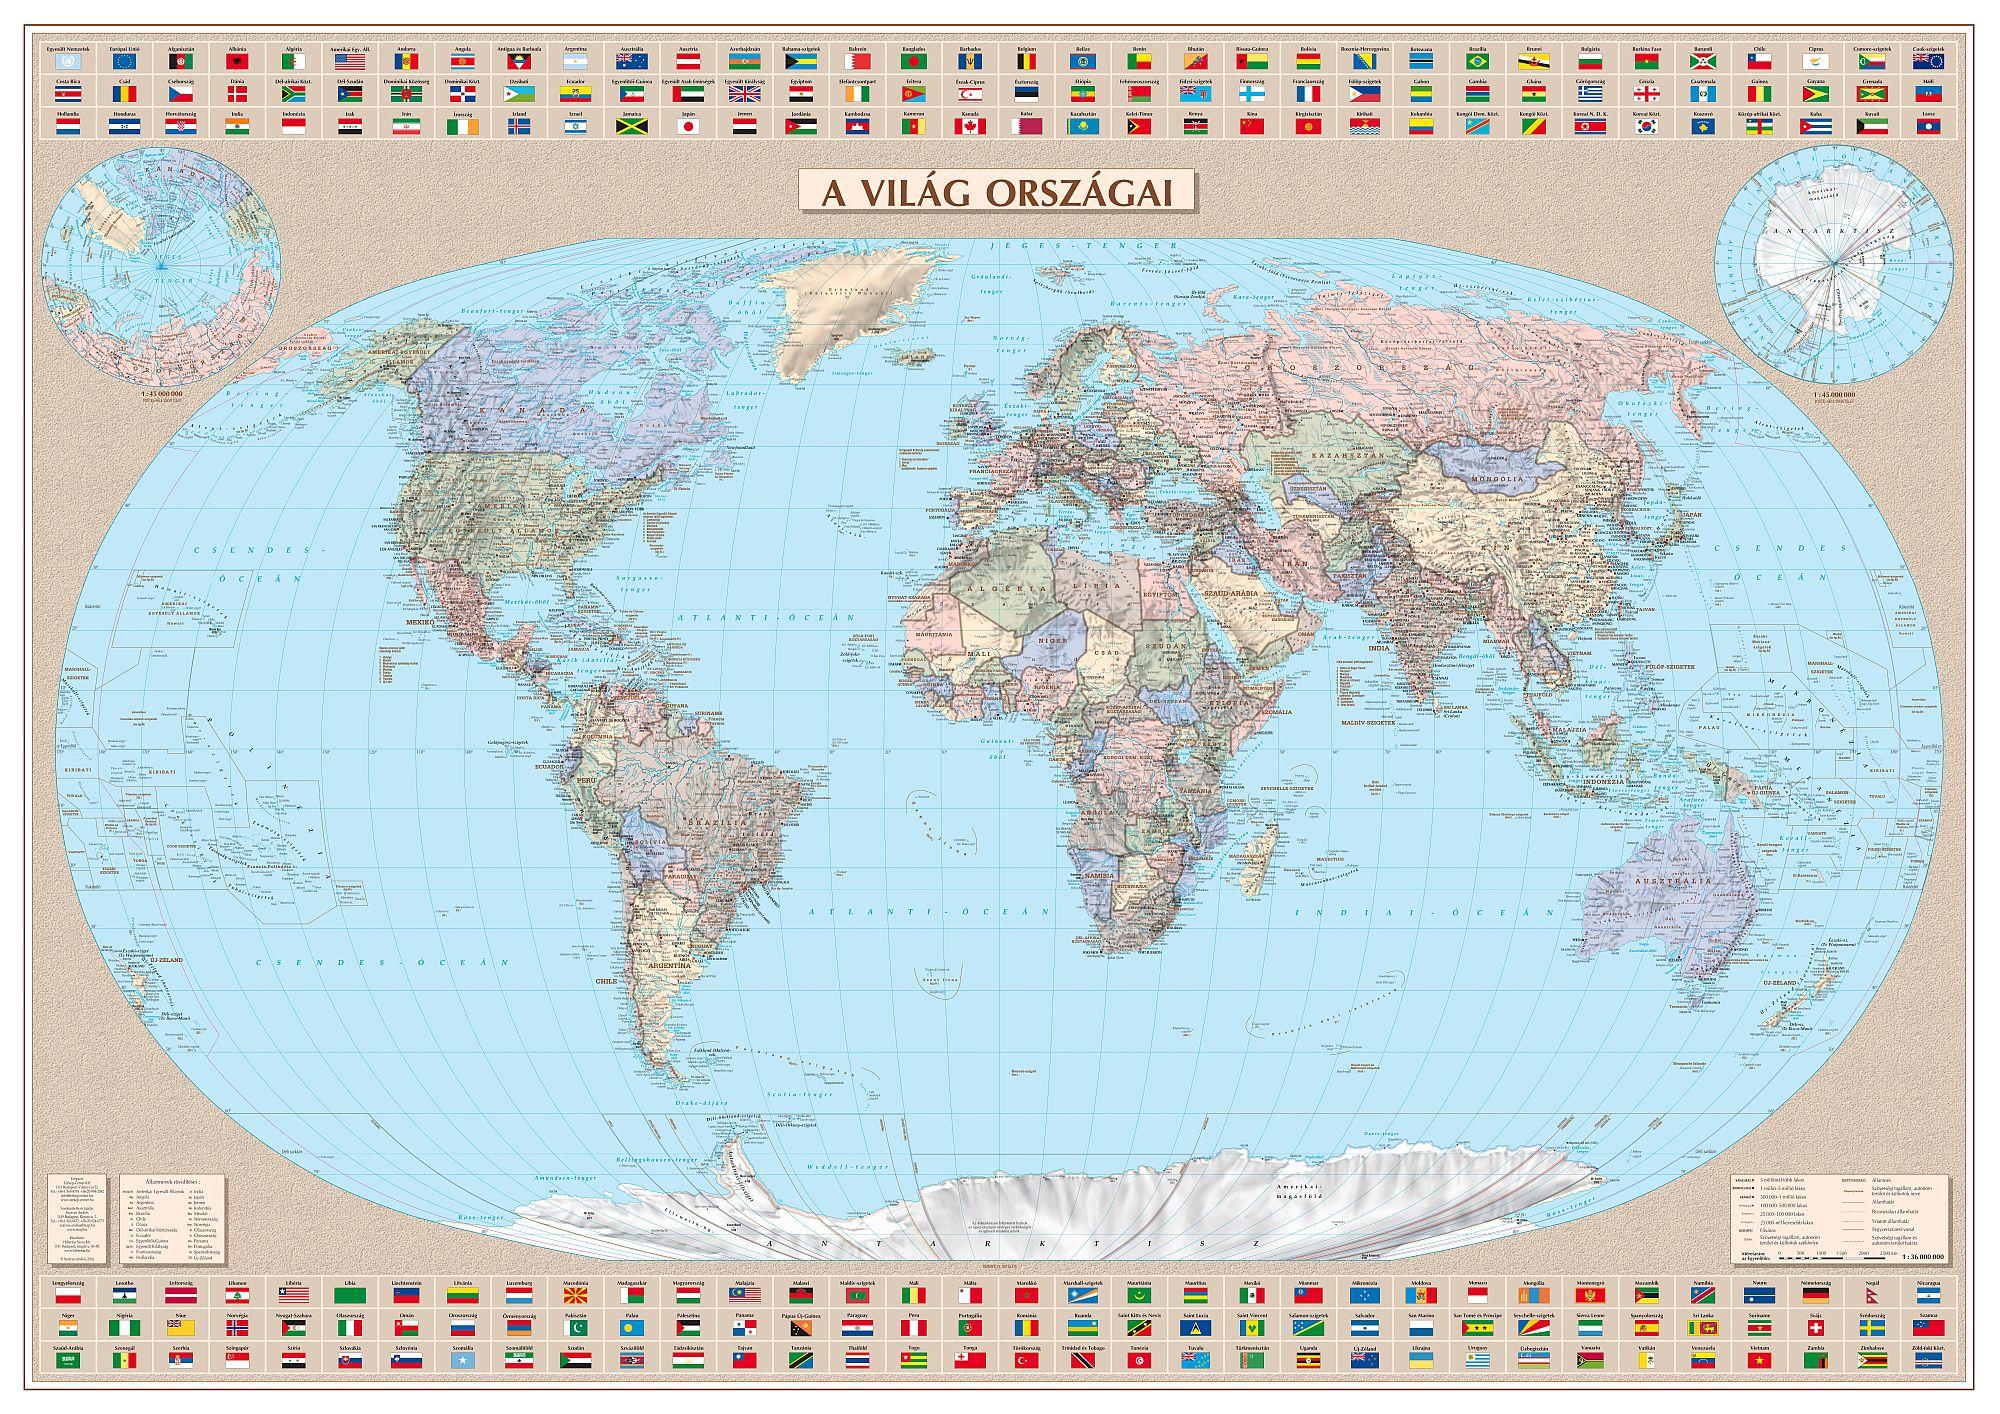 A Föld országai (magyar nyelvű politikai világtérkép) írható-letörölhető falitérkép, ízléses alumínium keretben.Mérete 126 x90 cm